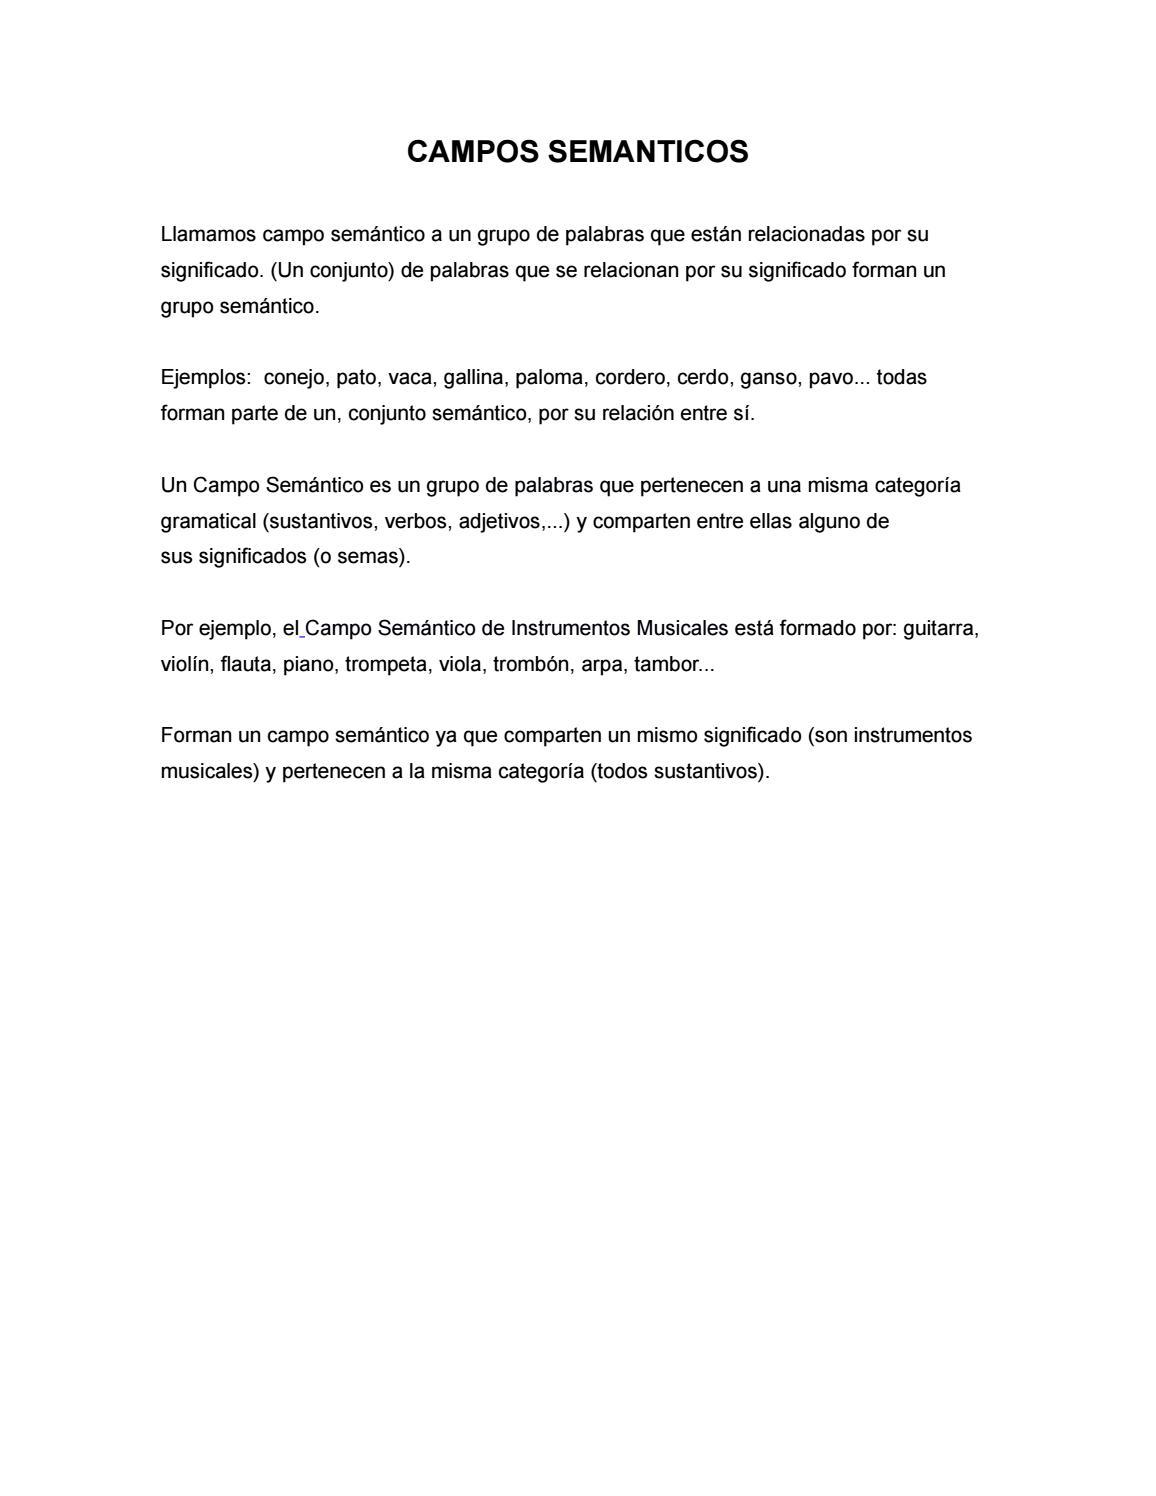 Comunicación y lenguaje 6 segunda parte by Julio Pineda - issuu